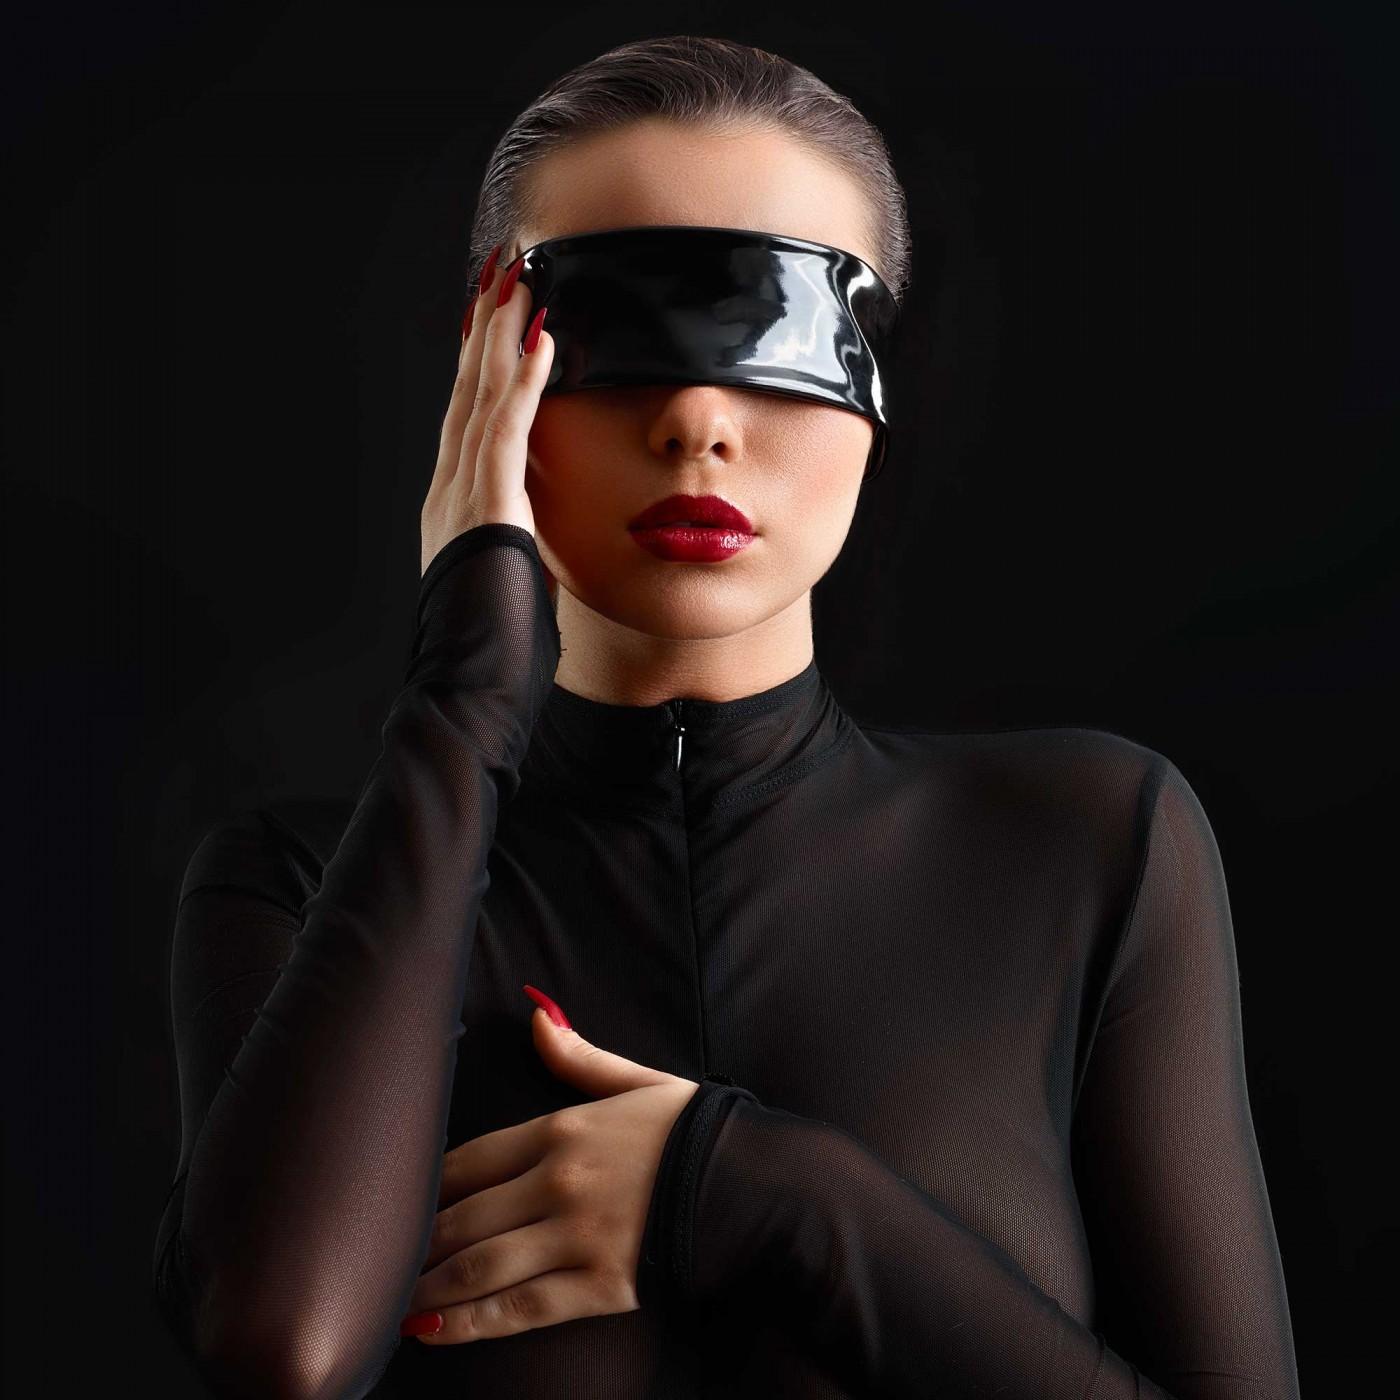 Bandeau en vinyle noir - Patrice Catanzaro